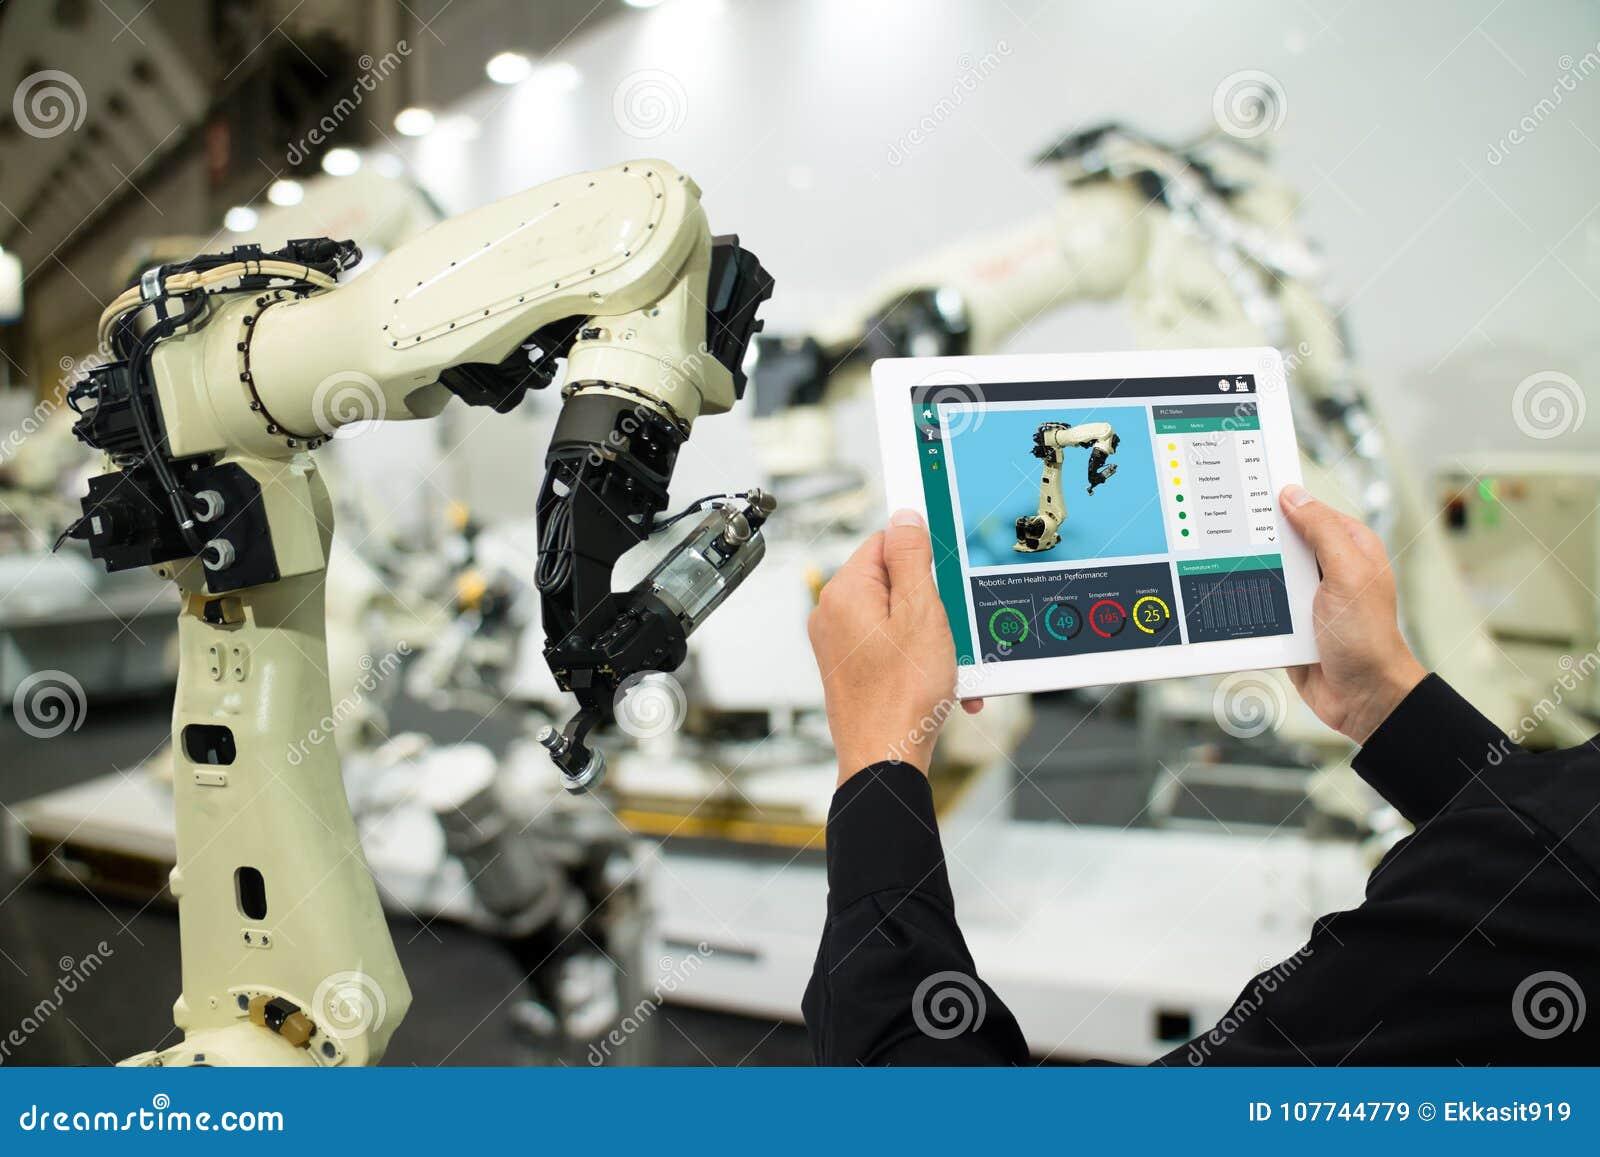 Industria 4 di Iot 0 concetti, ingegnere industriale che usando software aumentato, realtà virtuale in compressa a controllare ma